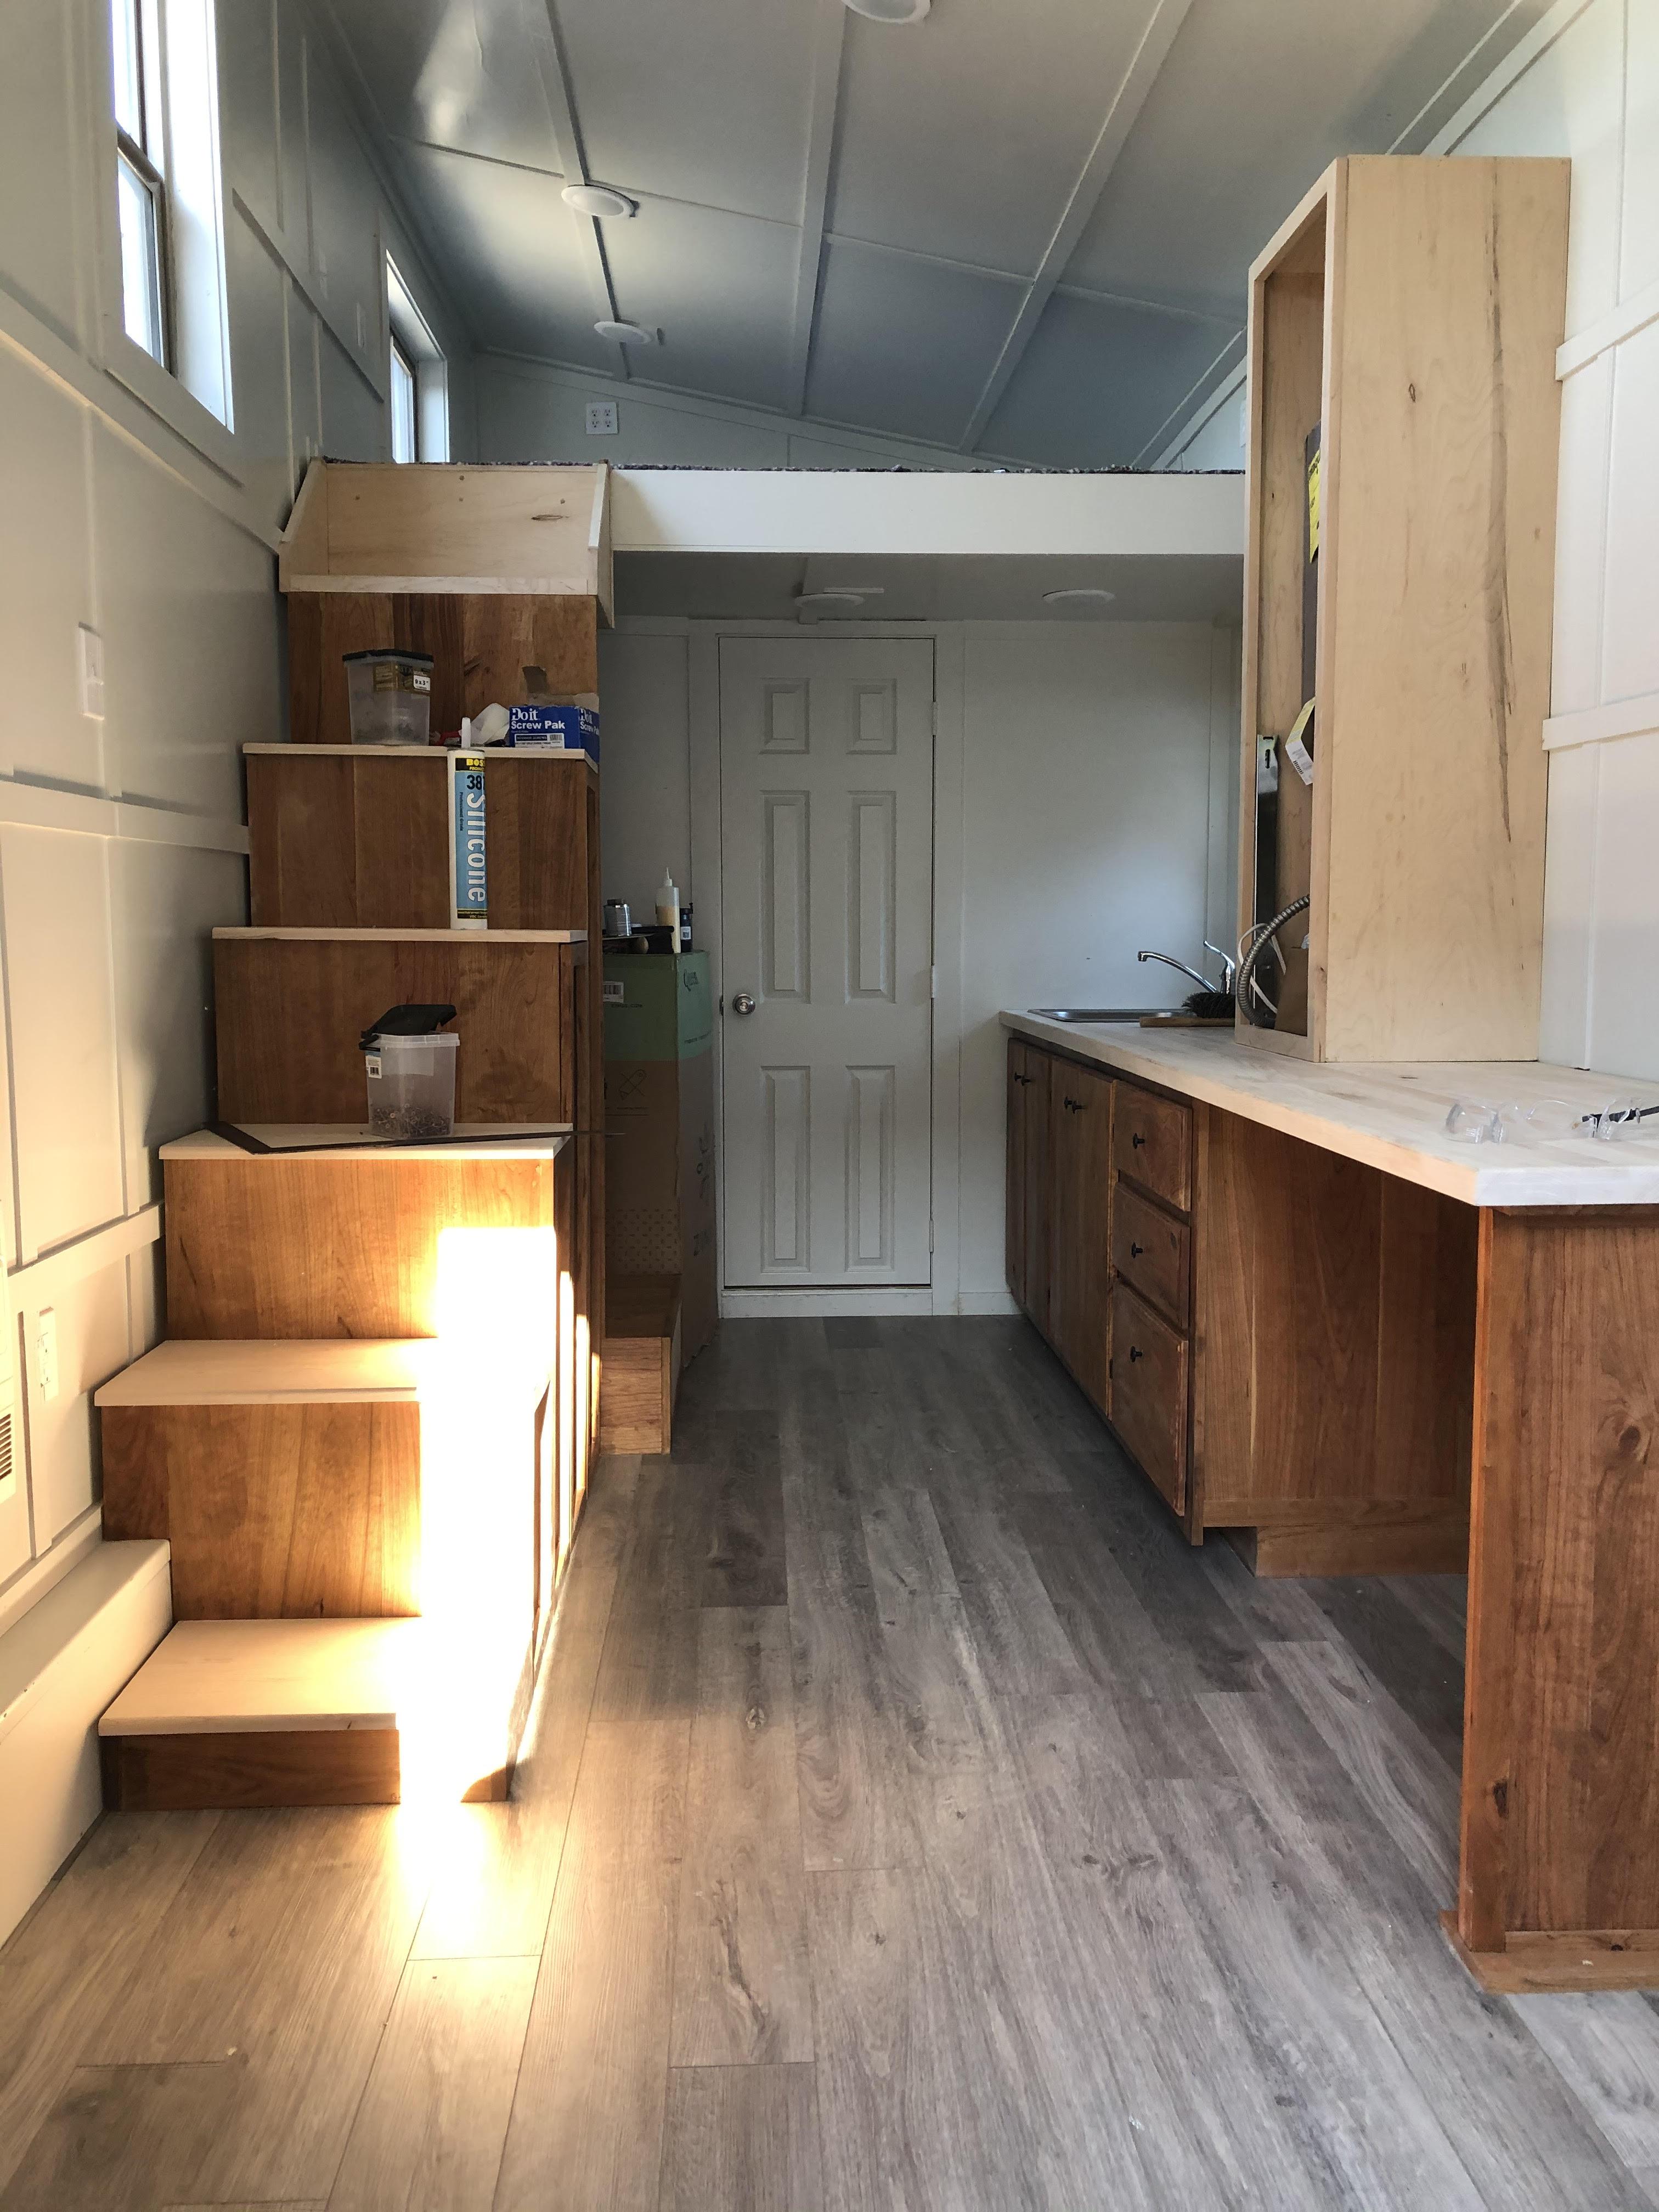 minico-tiny-house-may-2021